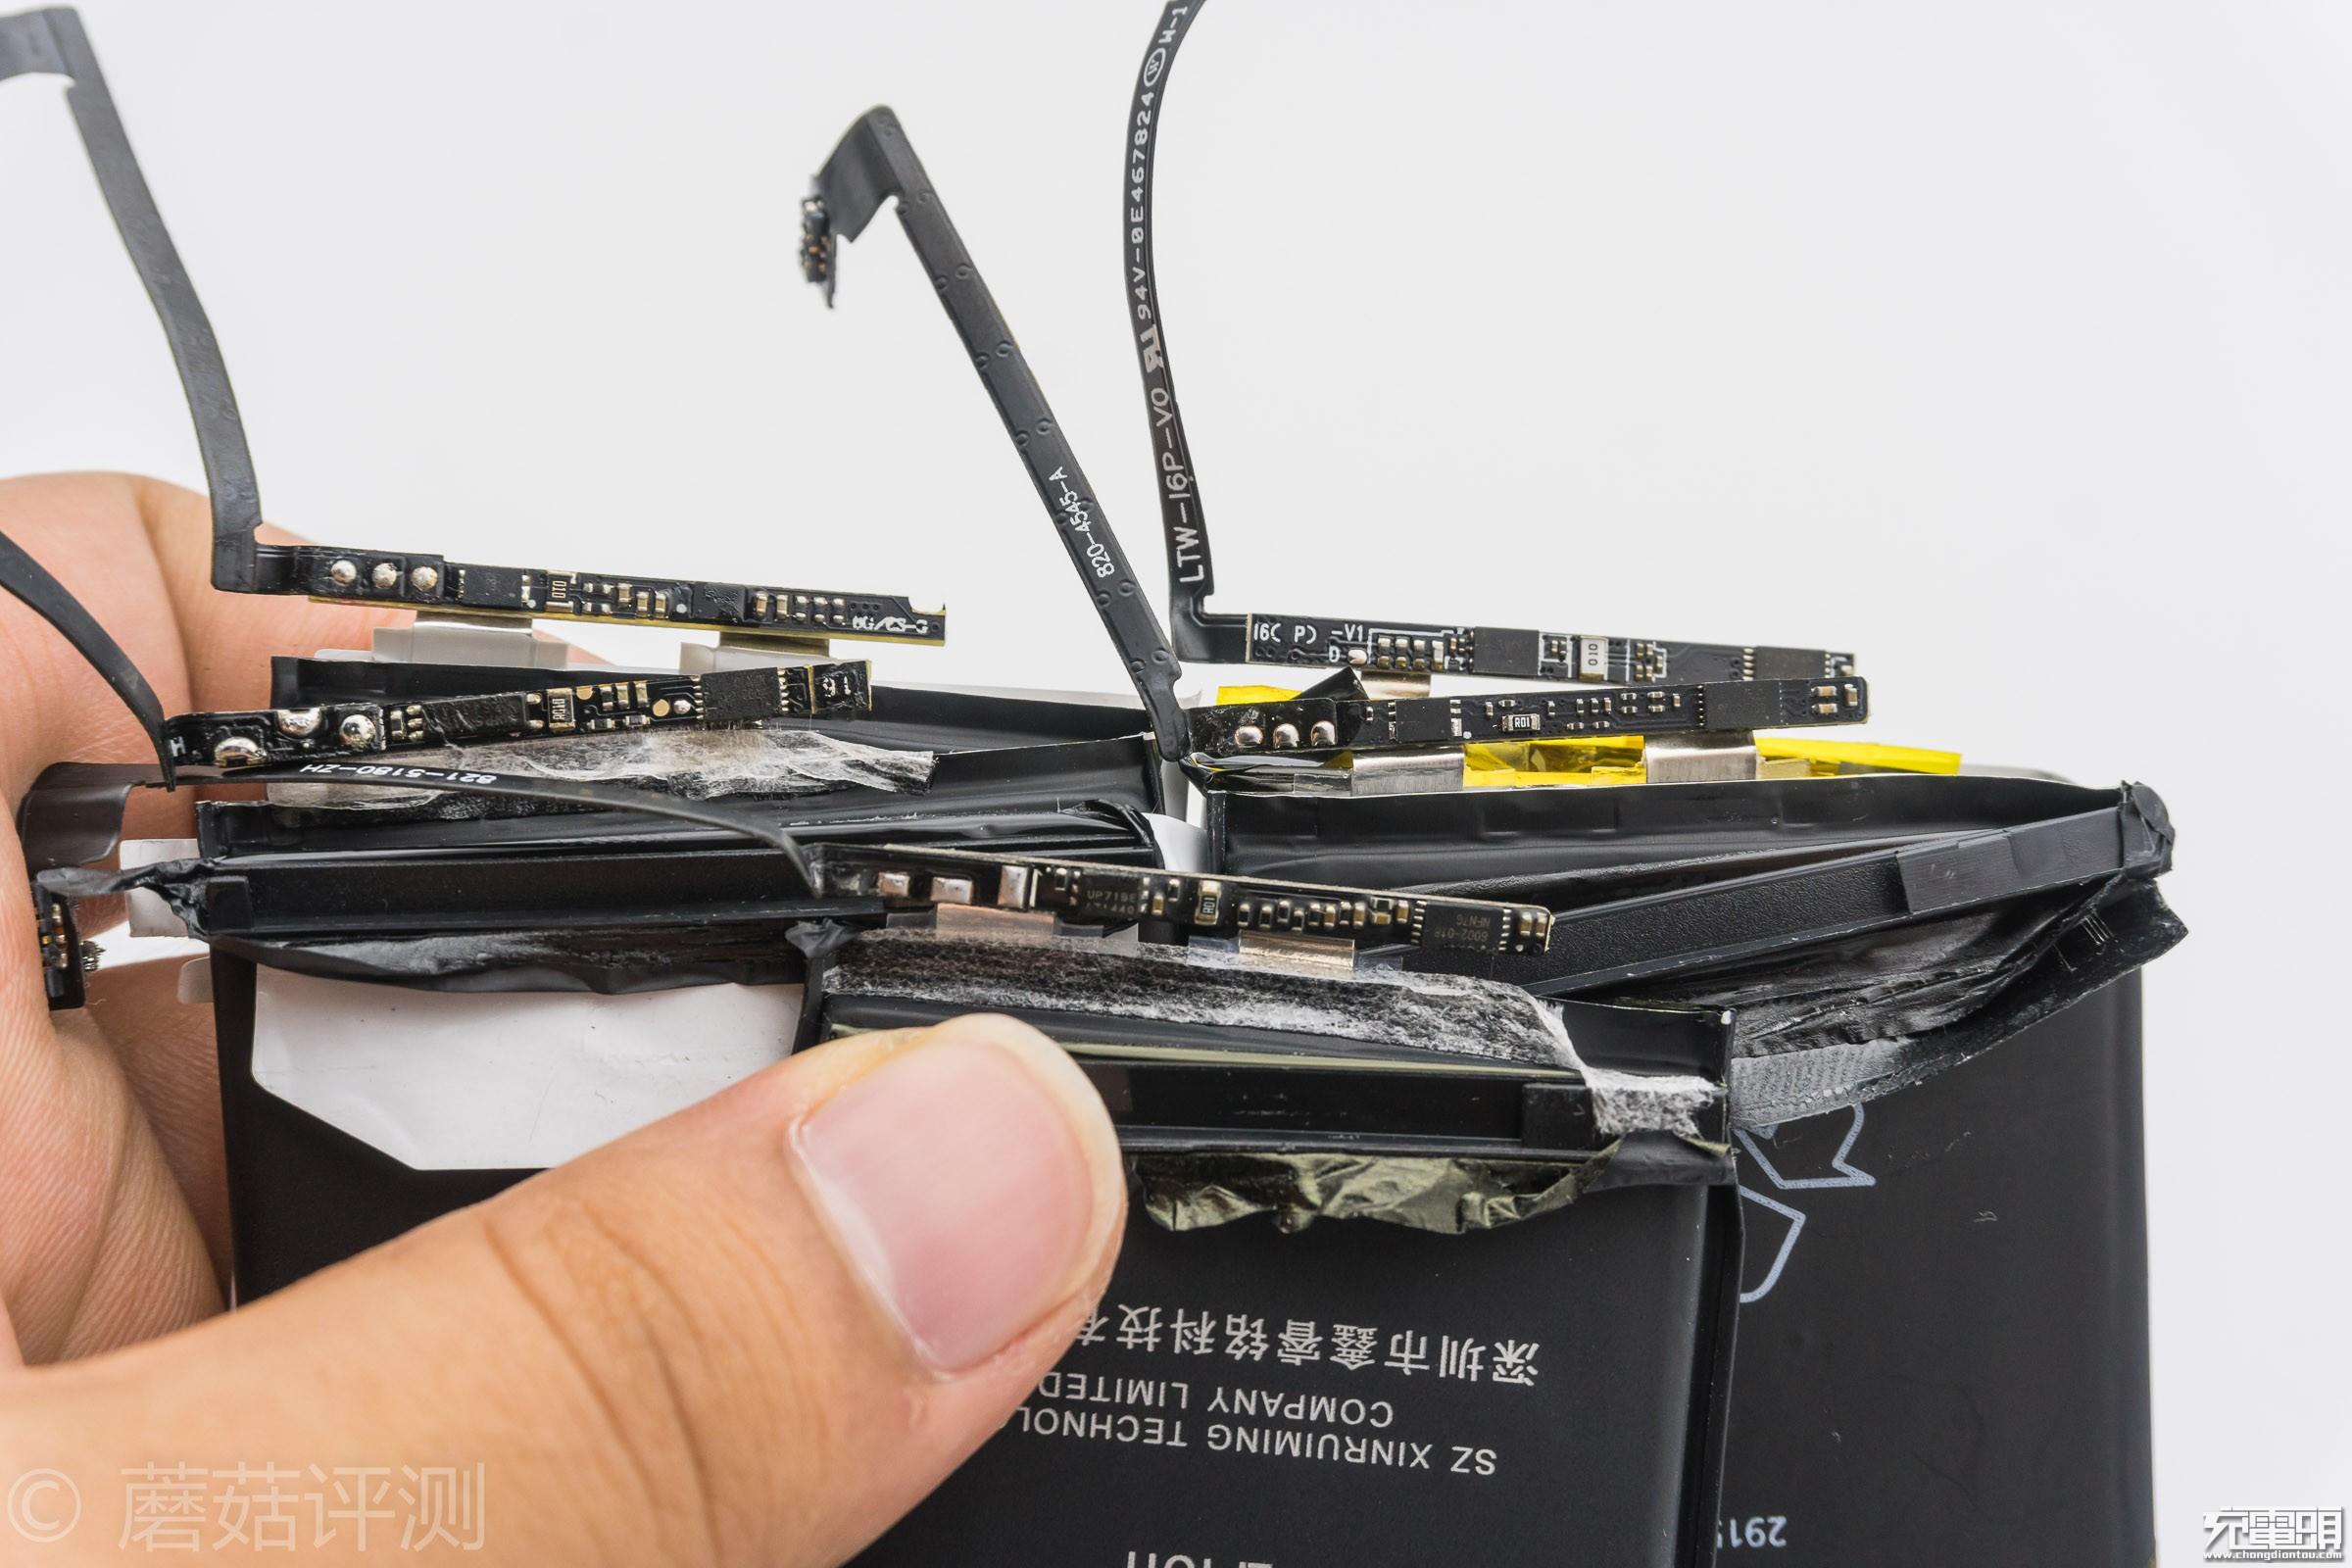 40_20170908_iPhone电池横评,IC板.jpg